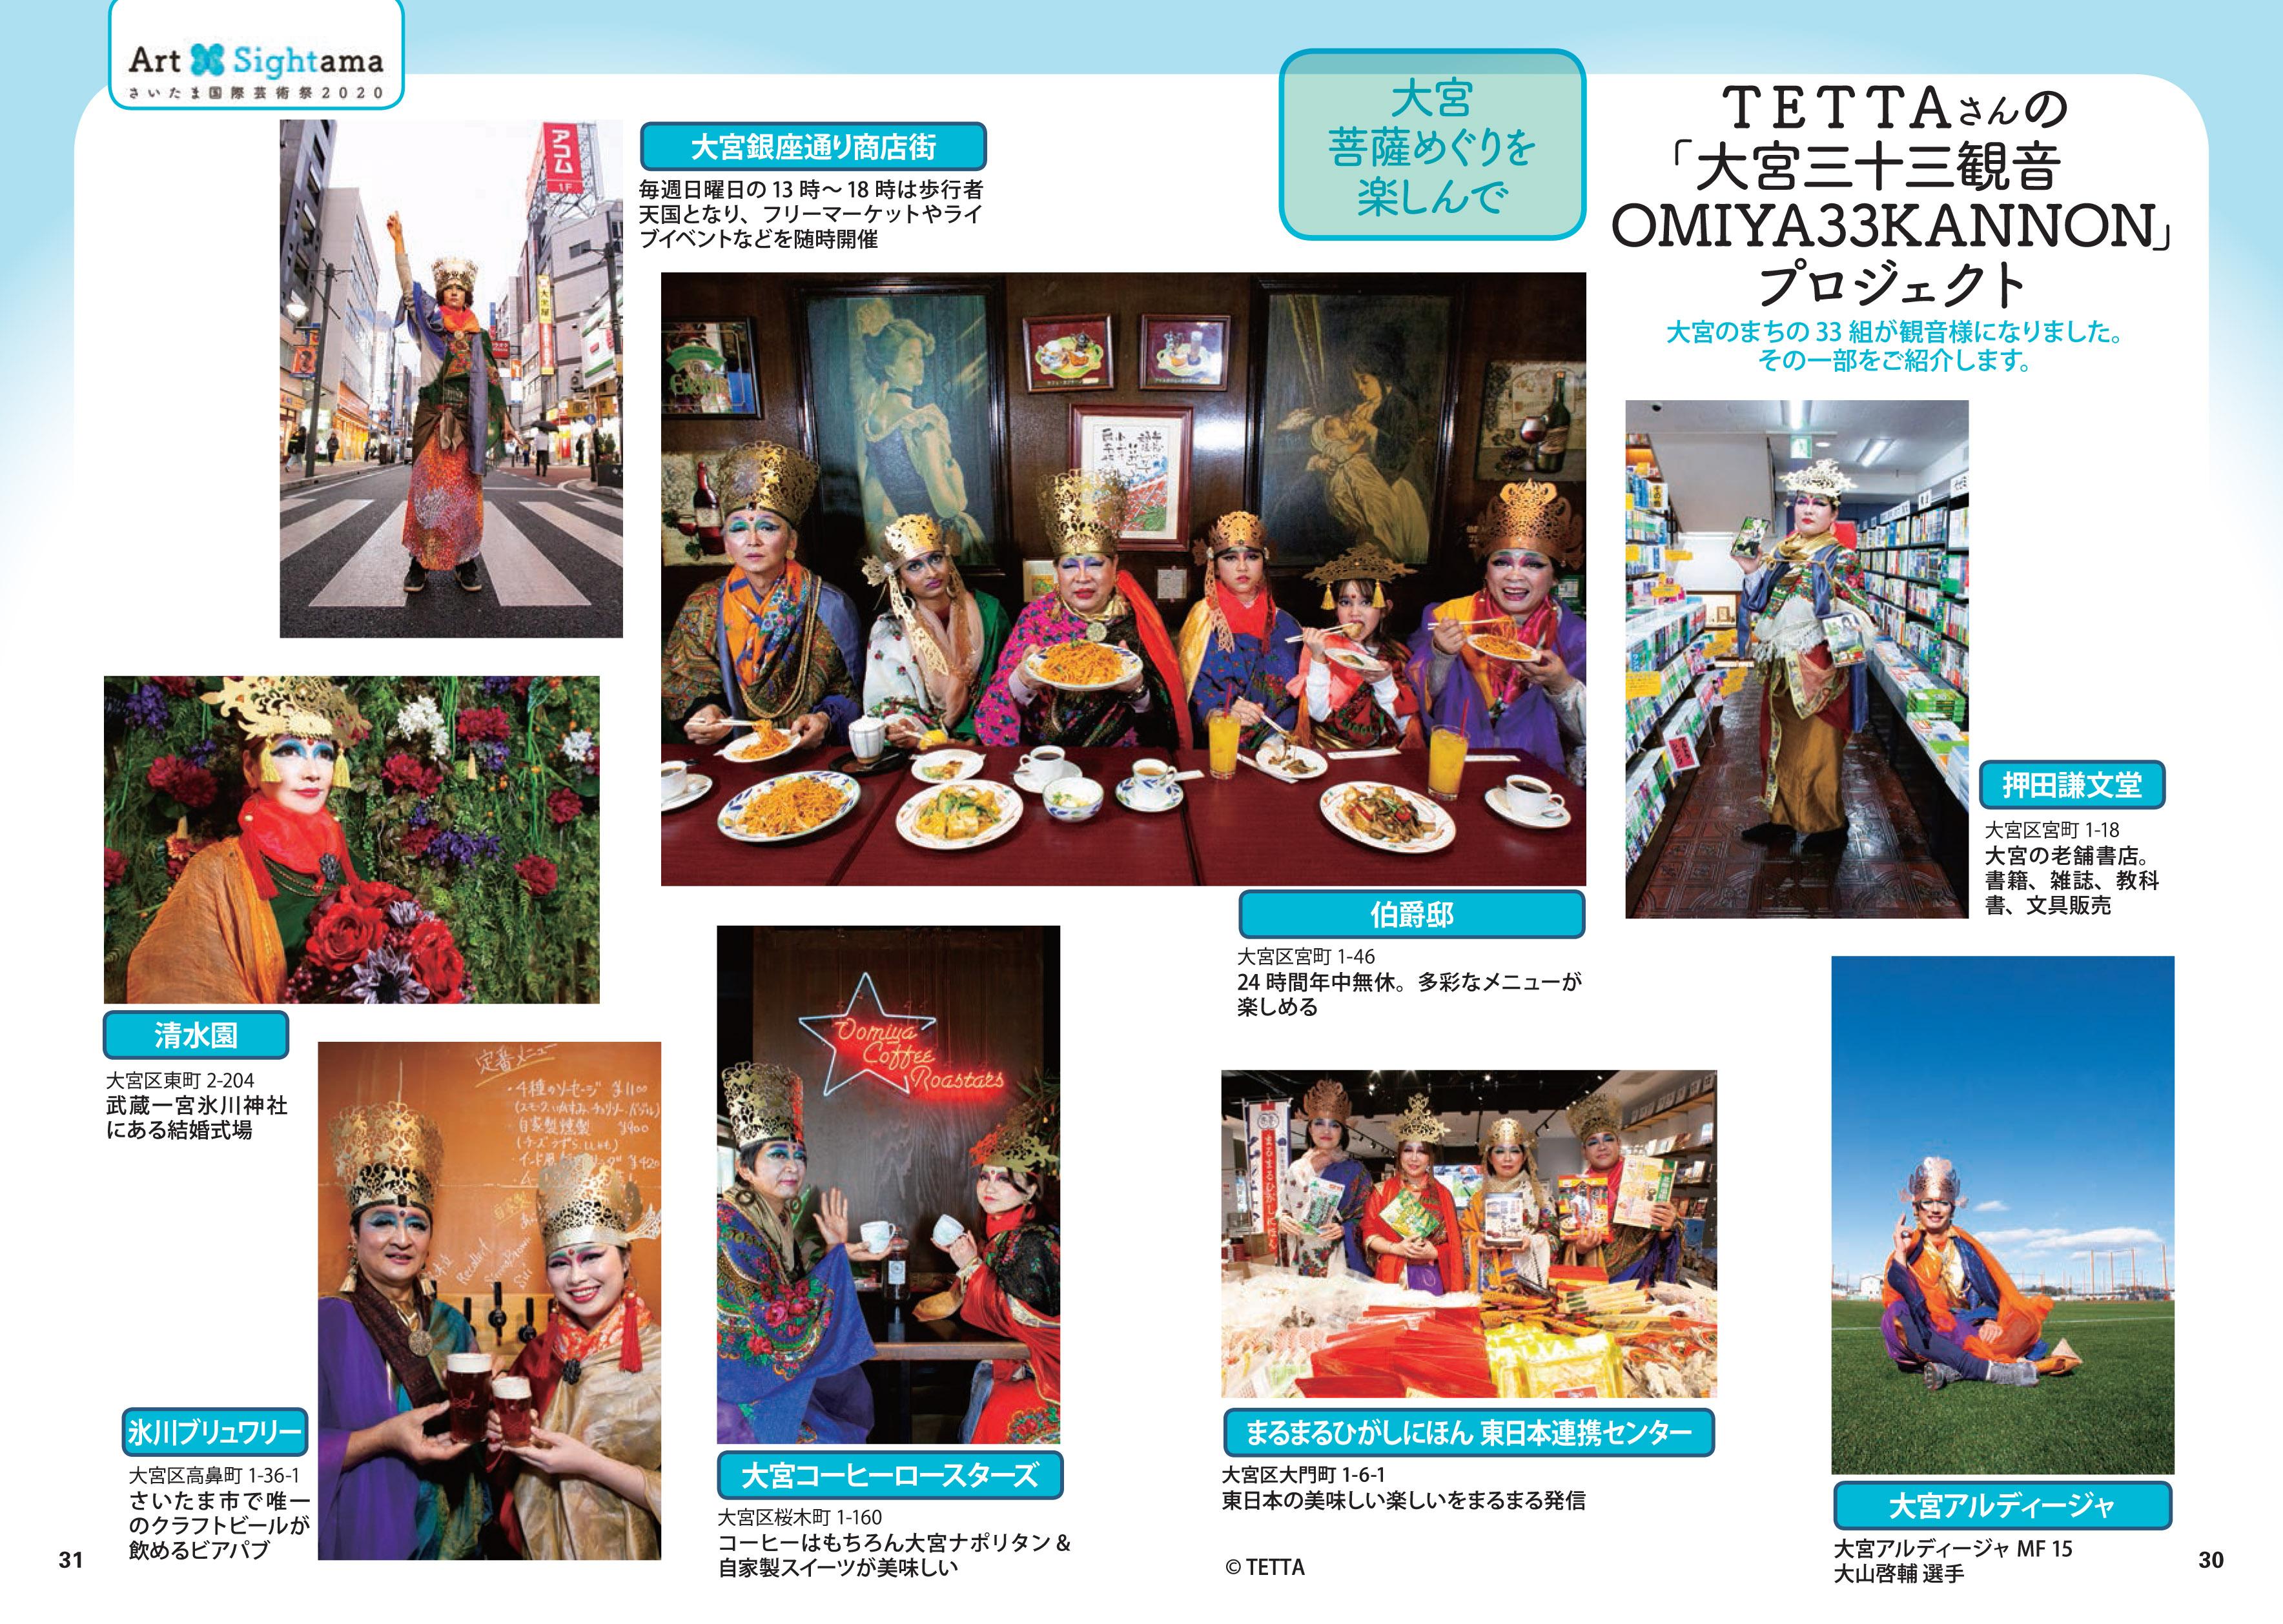 アコレおおみや さいたま国際芸術祭2020 TETTA 大宮三十三観音 菩薩メイク